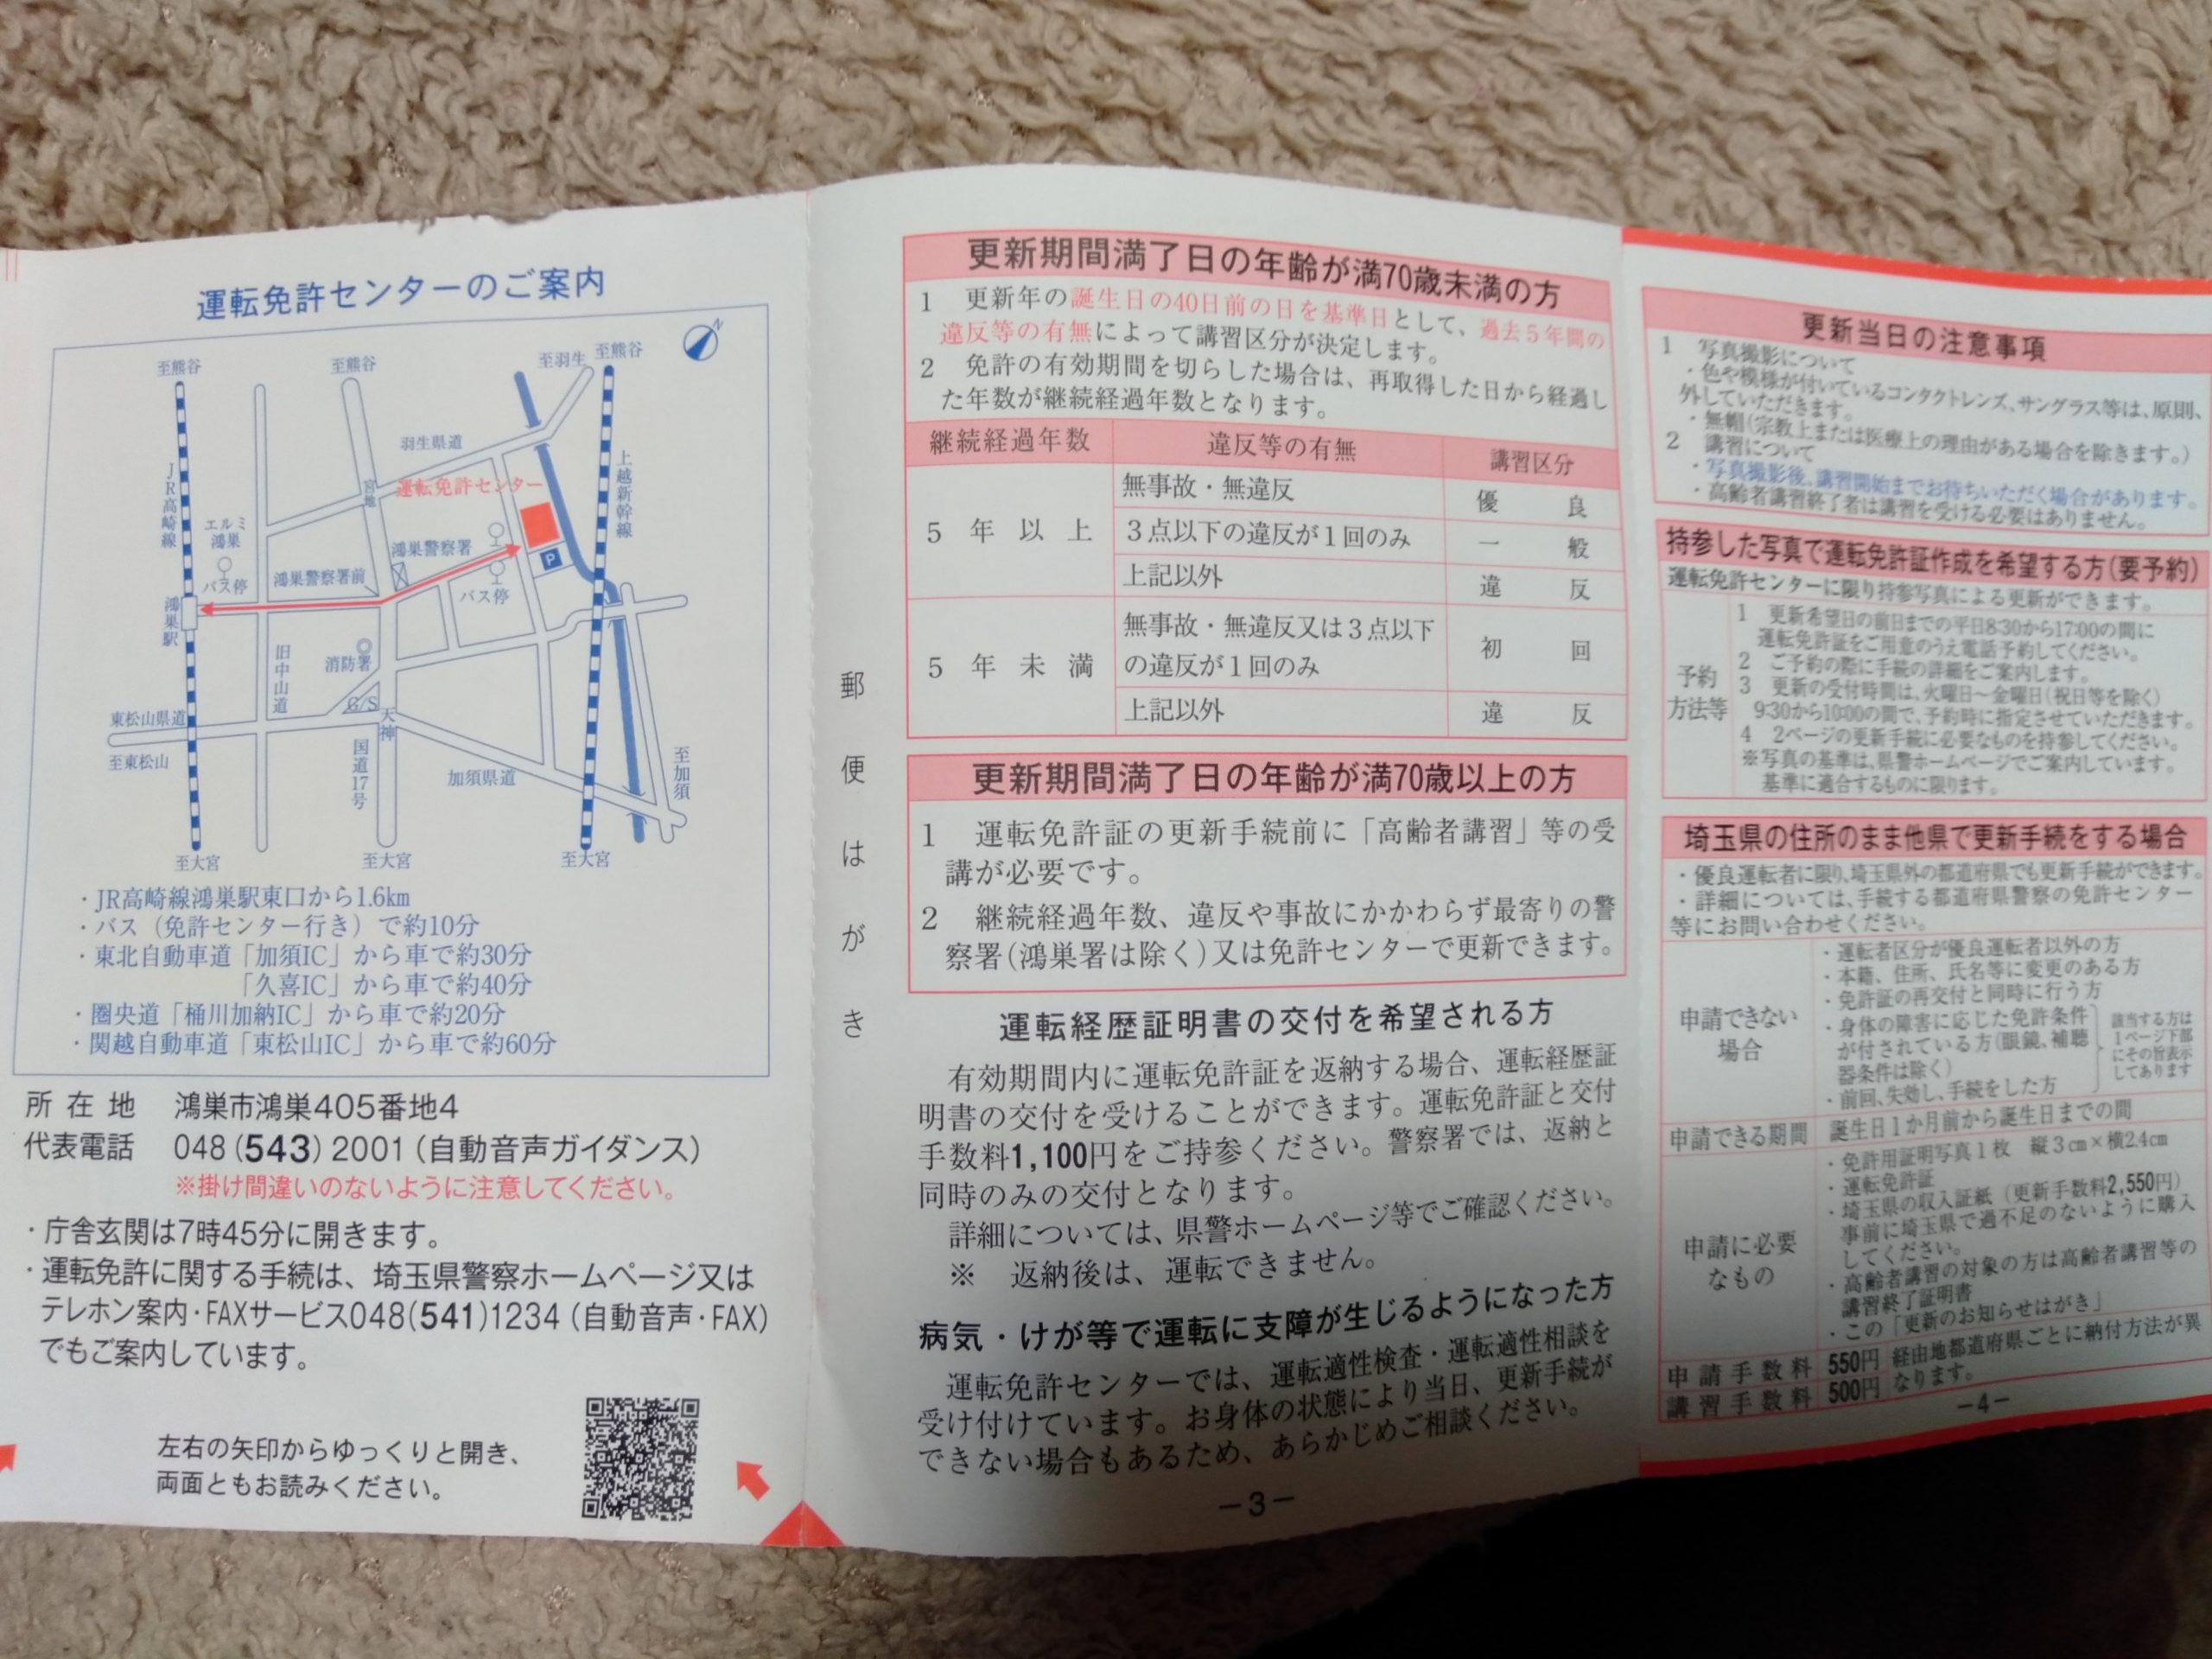 埼玉 運転 免許 更新 運転免許証更新業務について - 埼玉県警察